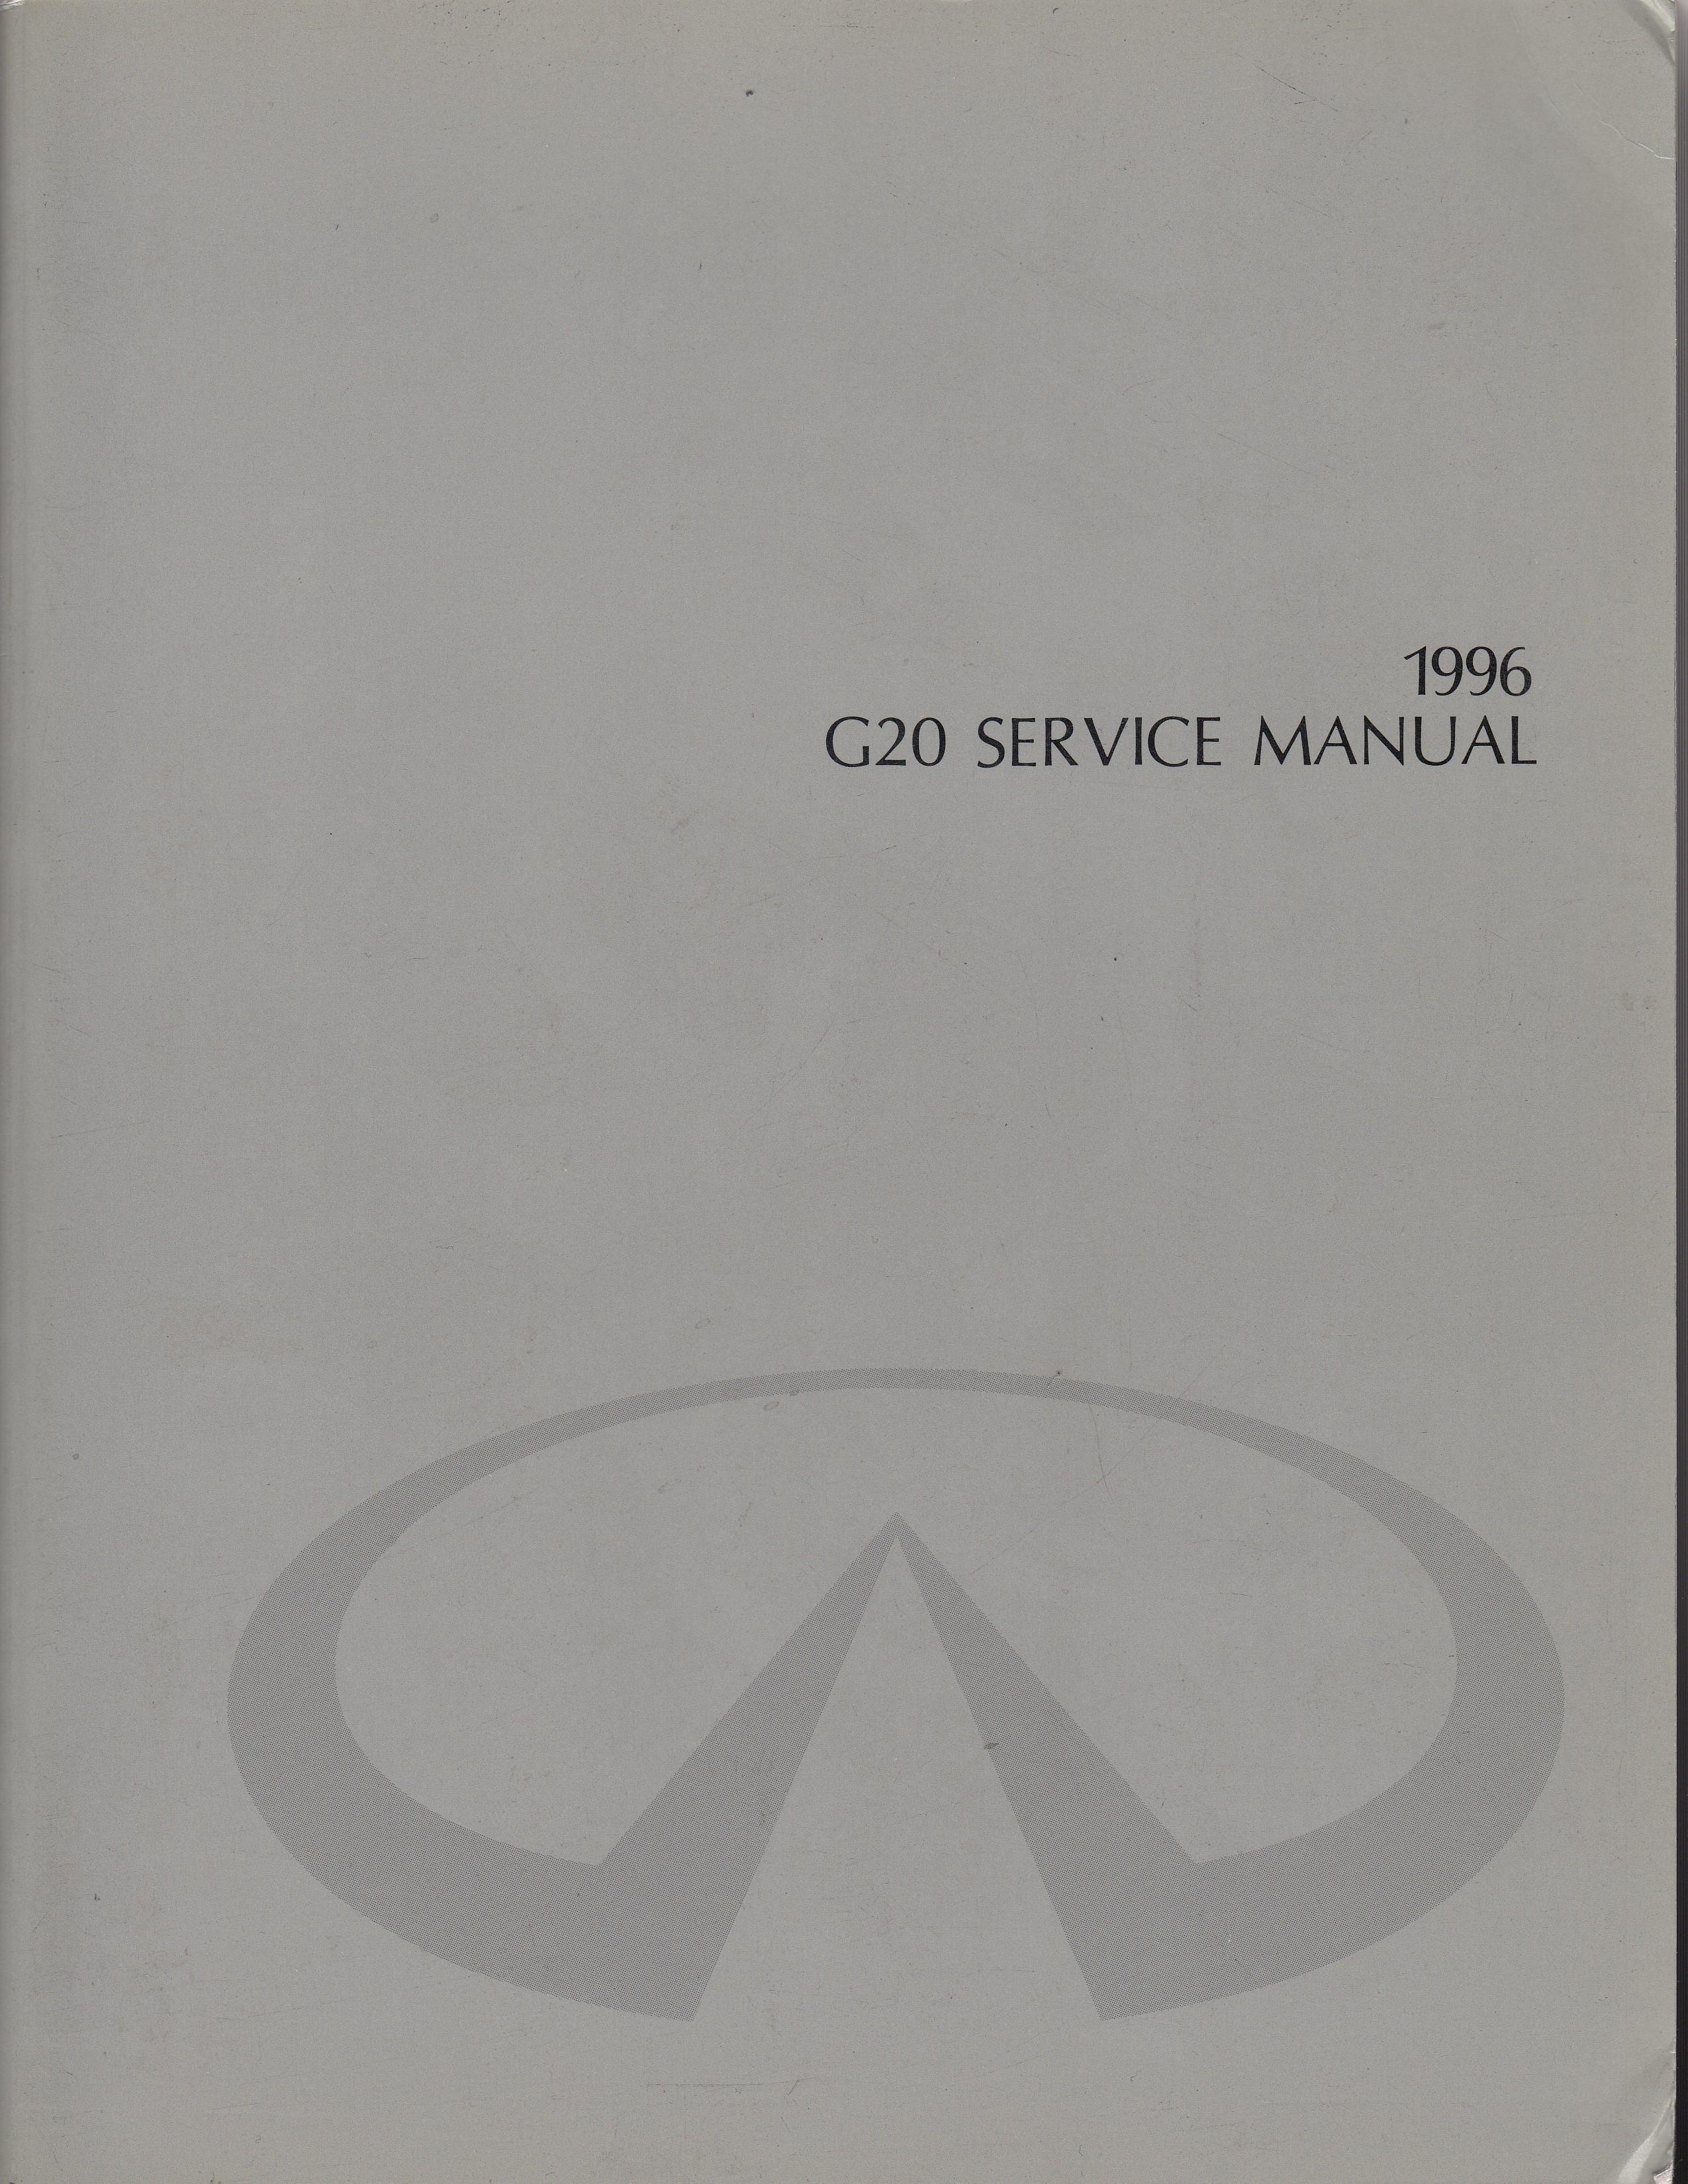 Infiniti G20 (90-96) Werkstatthandbuch von 1996